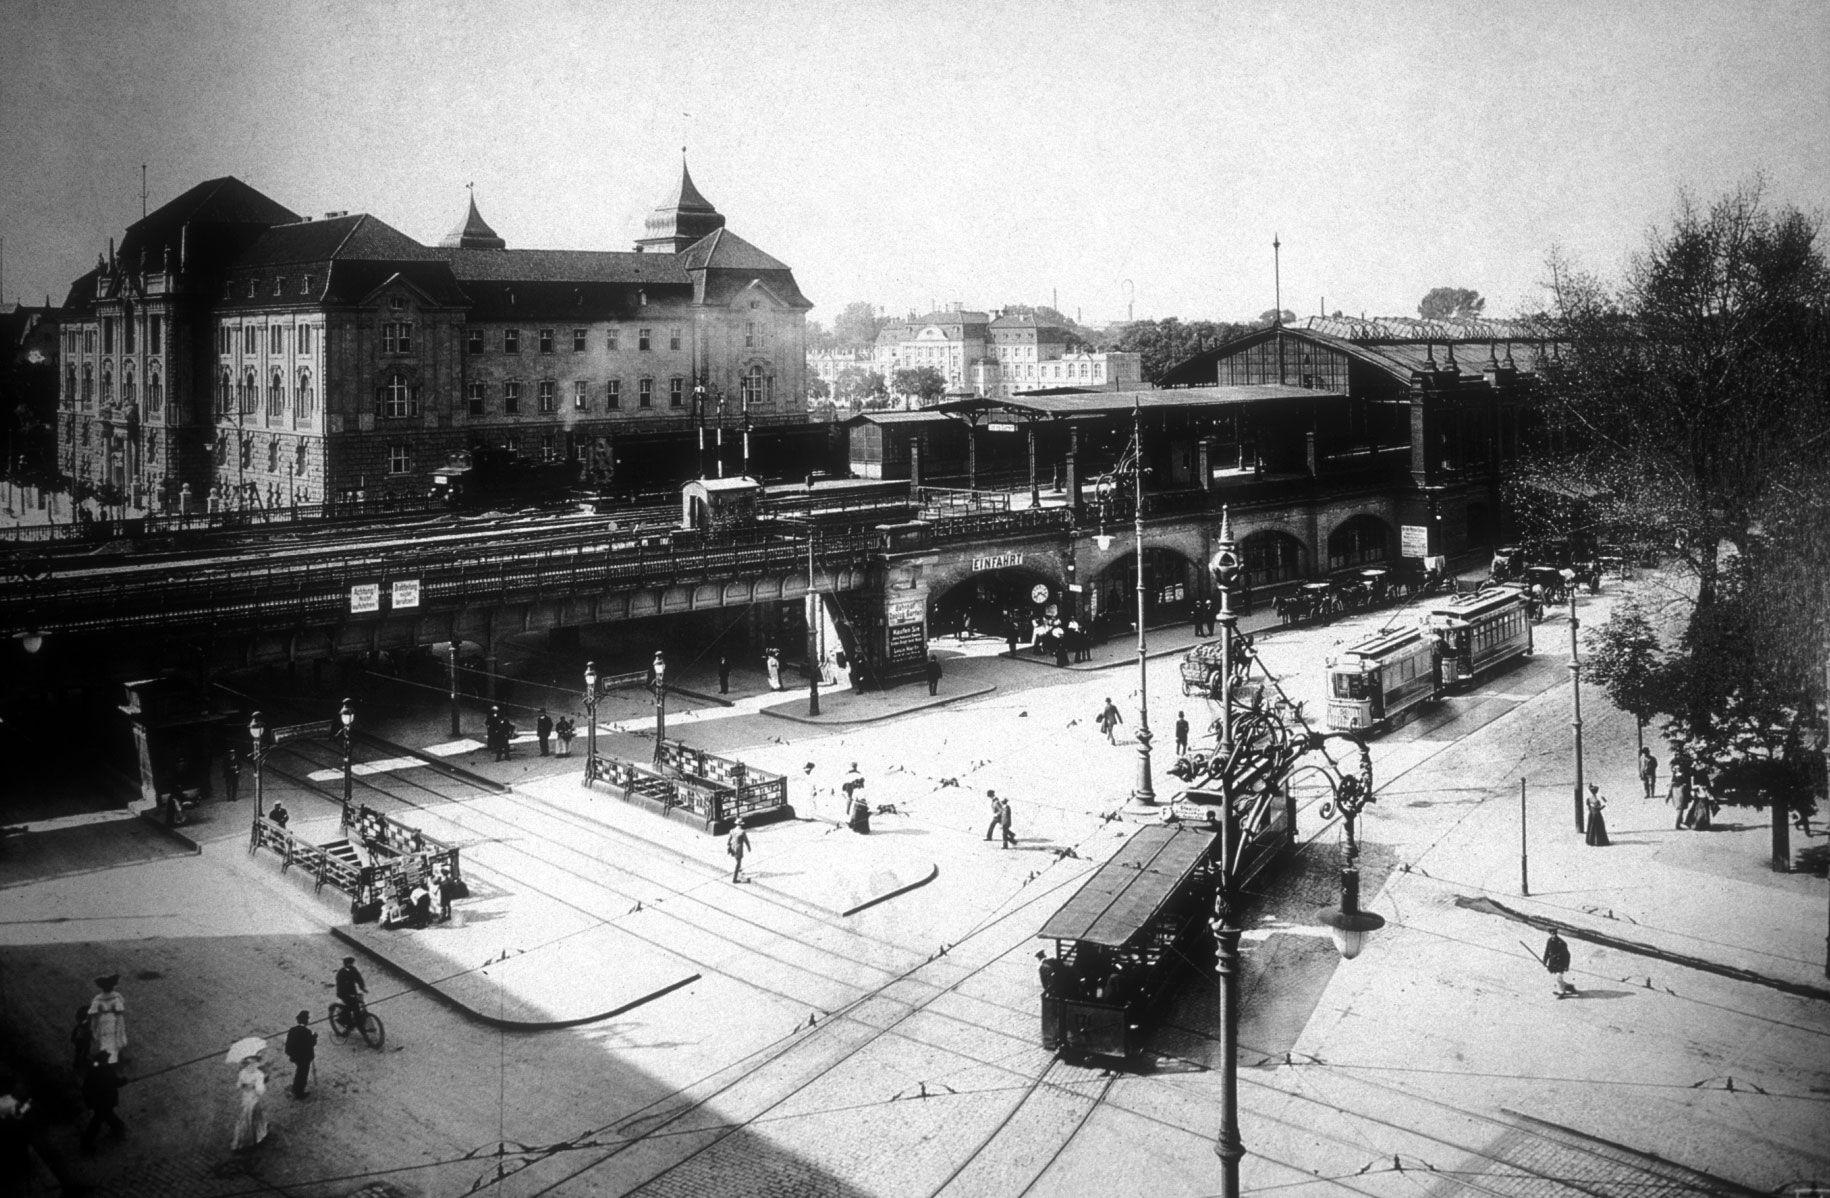 Berlin | Vor 1933. Bahnhof Zoologischer Garten c. 1907. Max Missmann